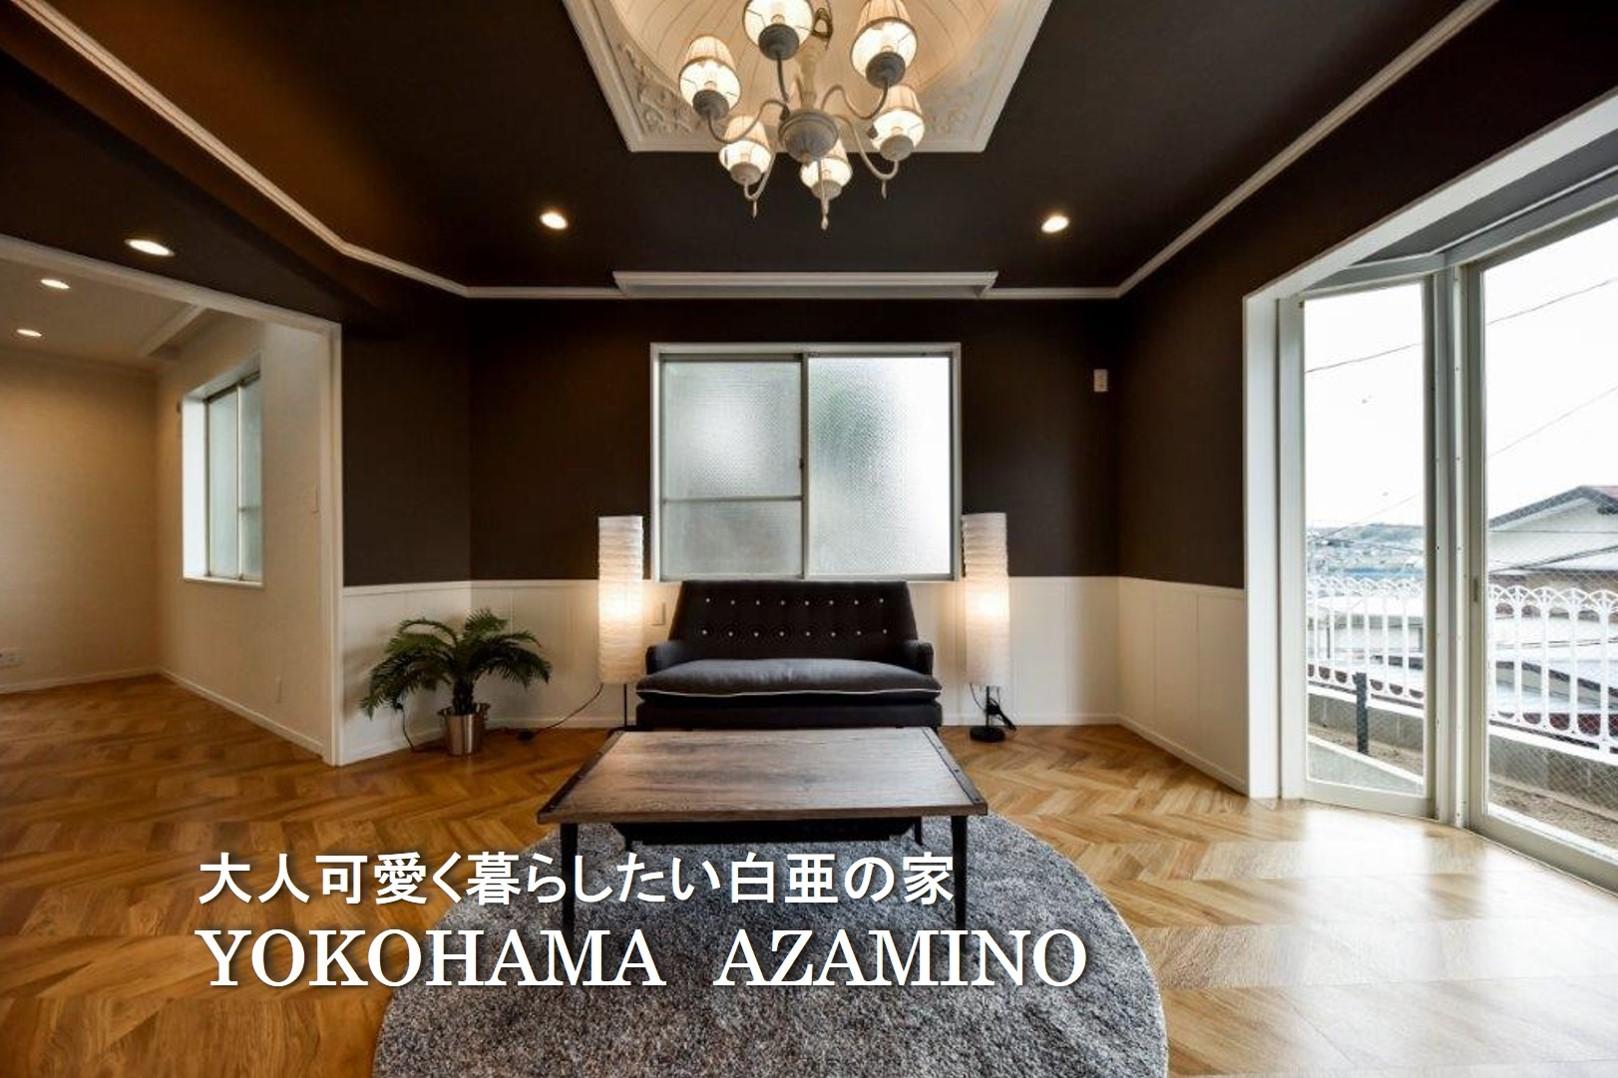 大人可愛く暮らしたい白亜の家 あざみ野 YOKOHAMA AZAMINO